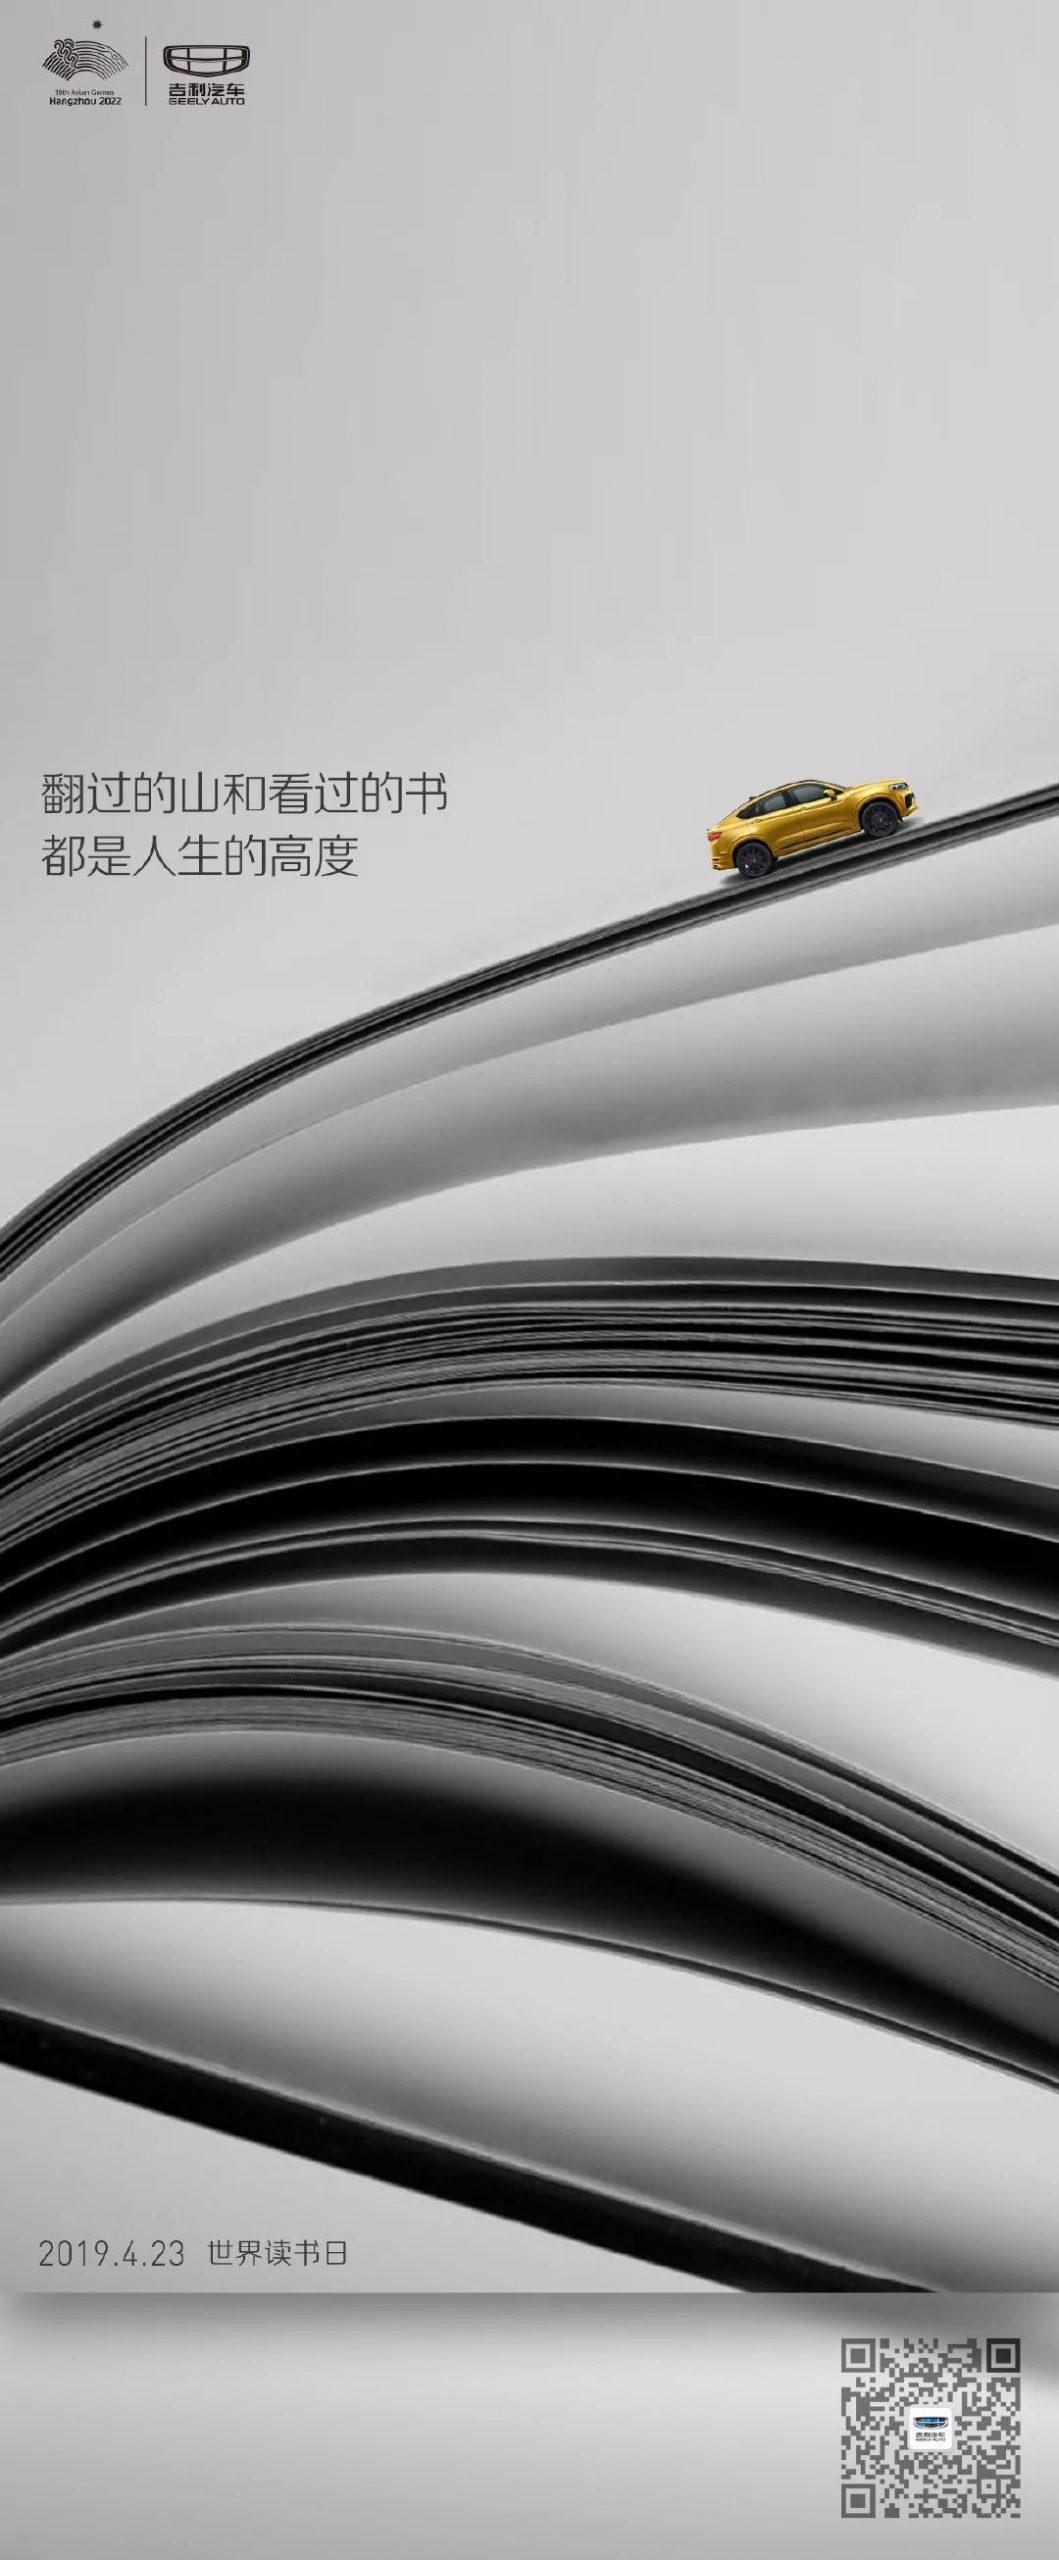 世界读书日文案海报欣赏:别给自己的懒惰找借口!插图27